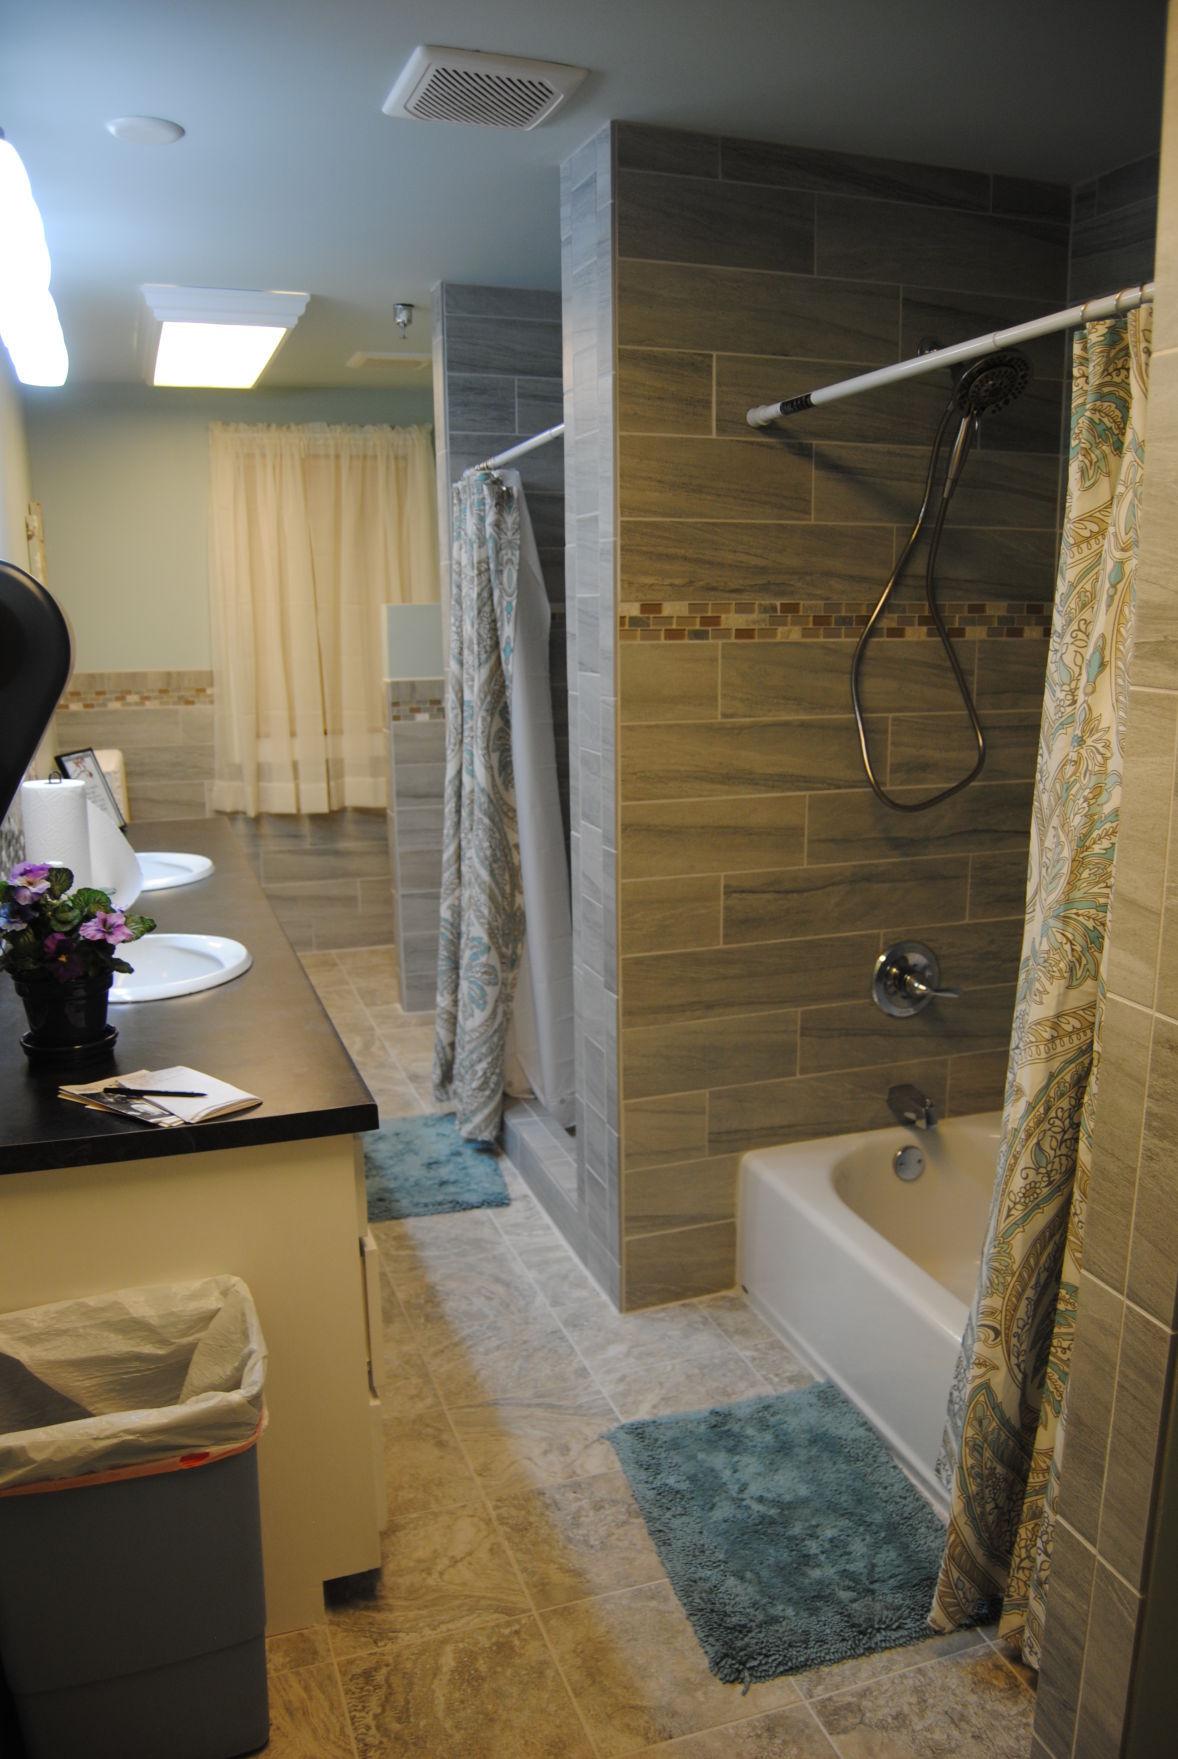 2nd floor bathroom photo